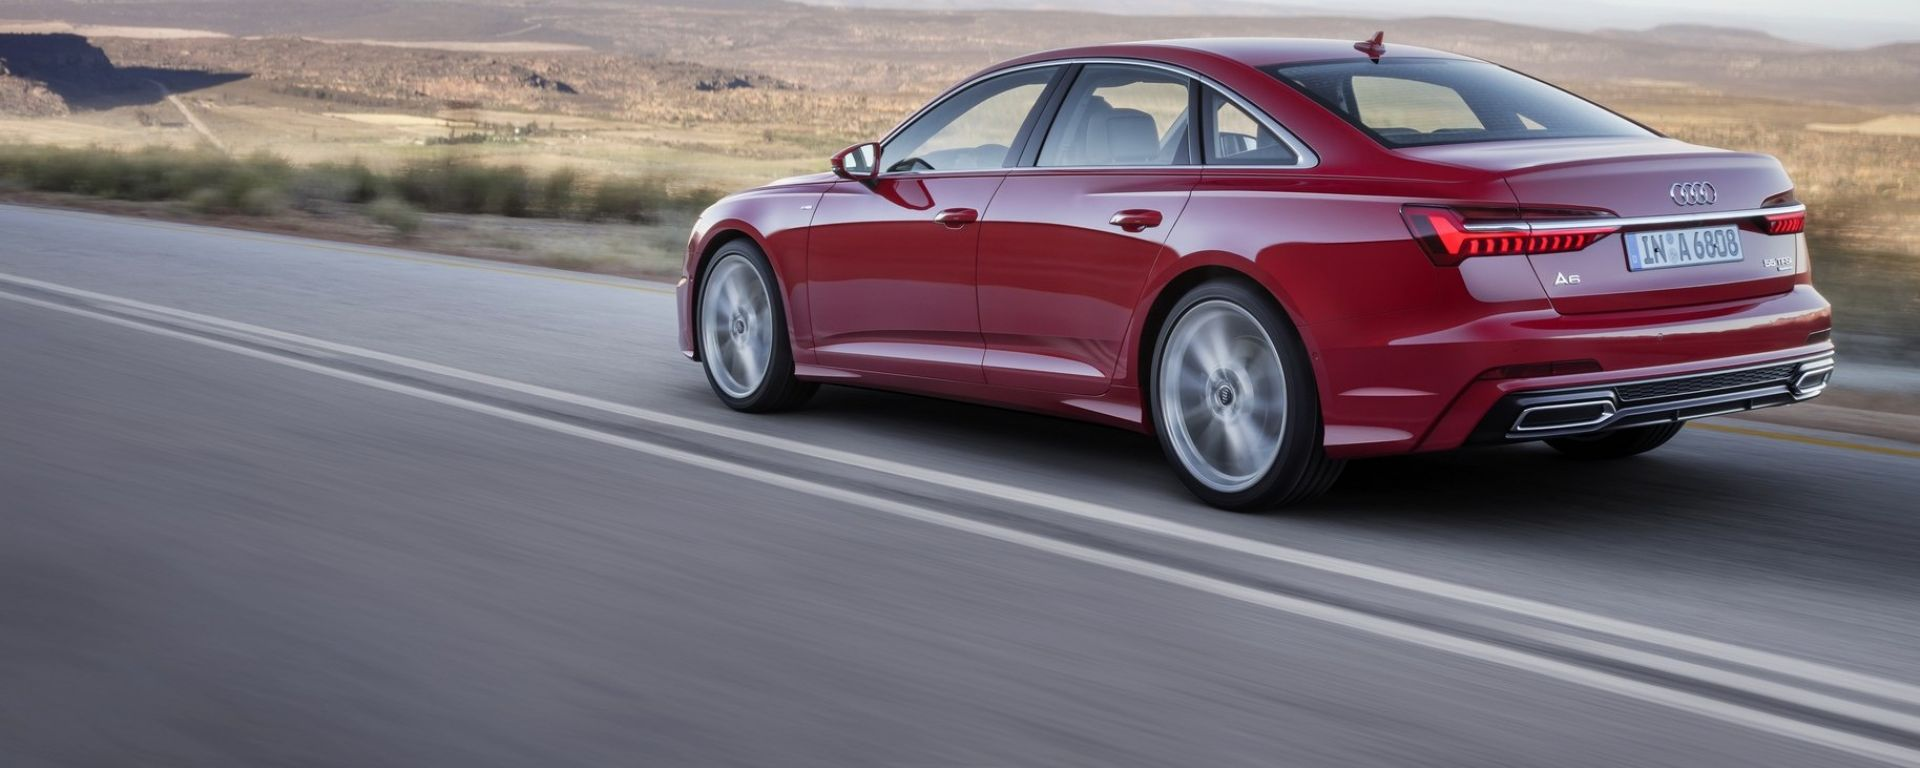 Nuova Audi A6 2018 berlina